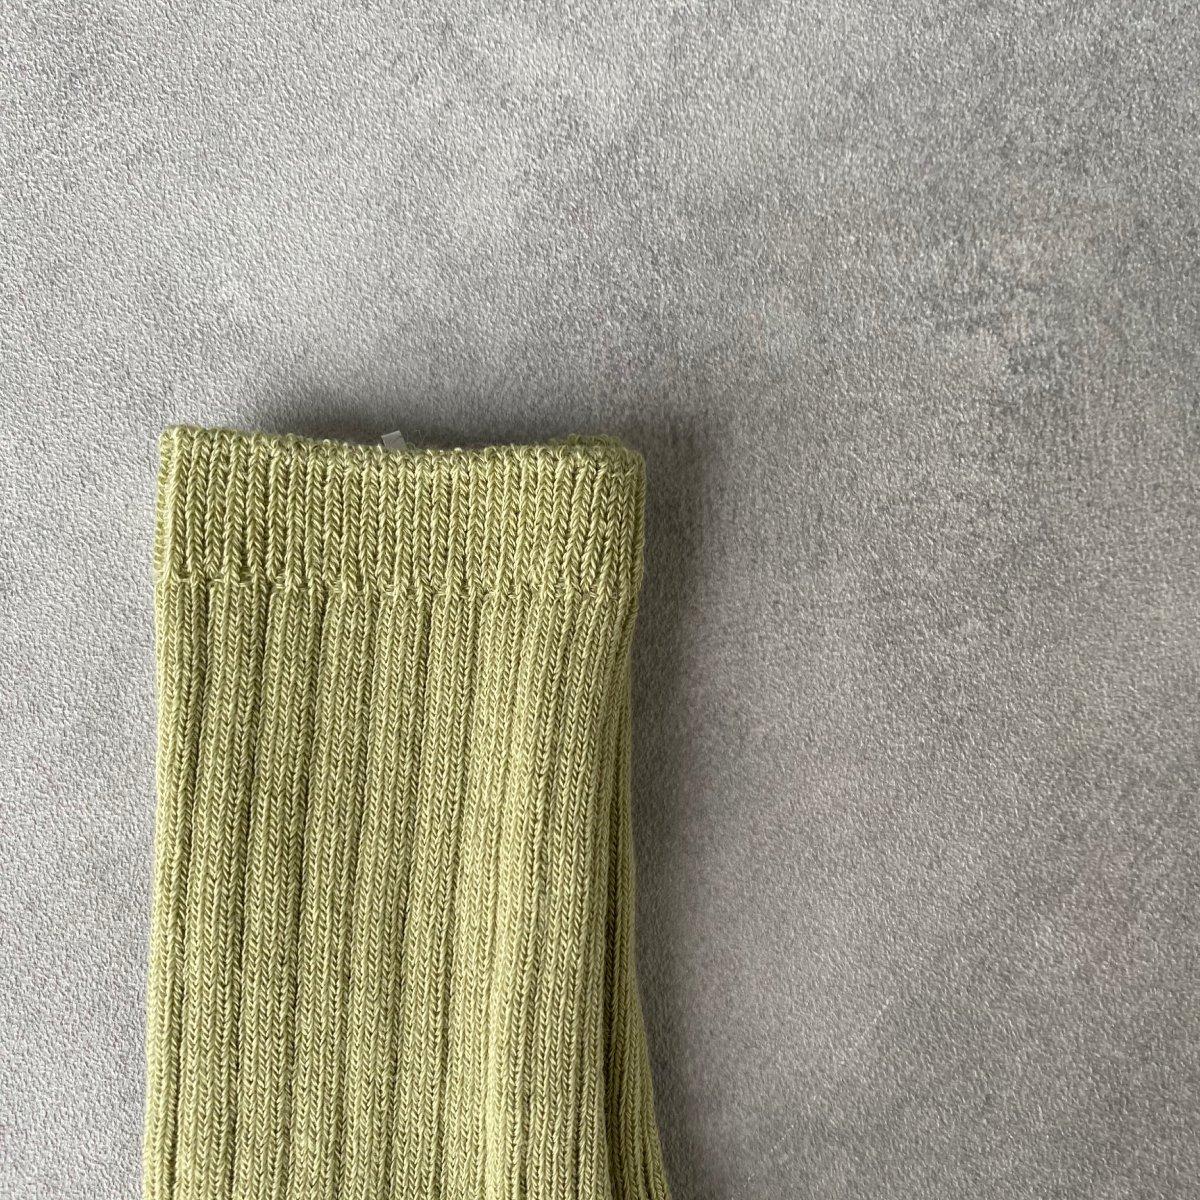 【KIDS】Pistachio Socks 詳細画像9